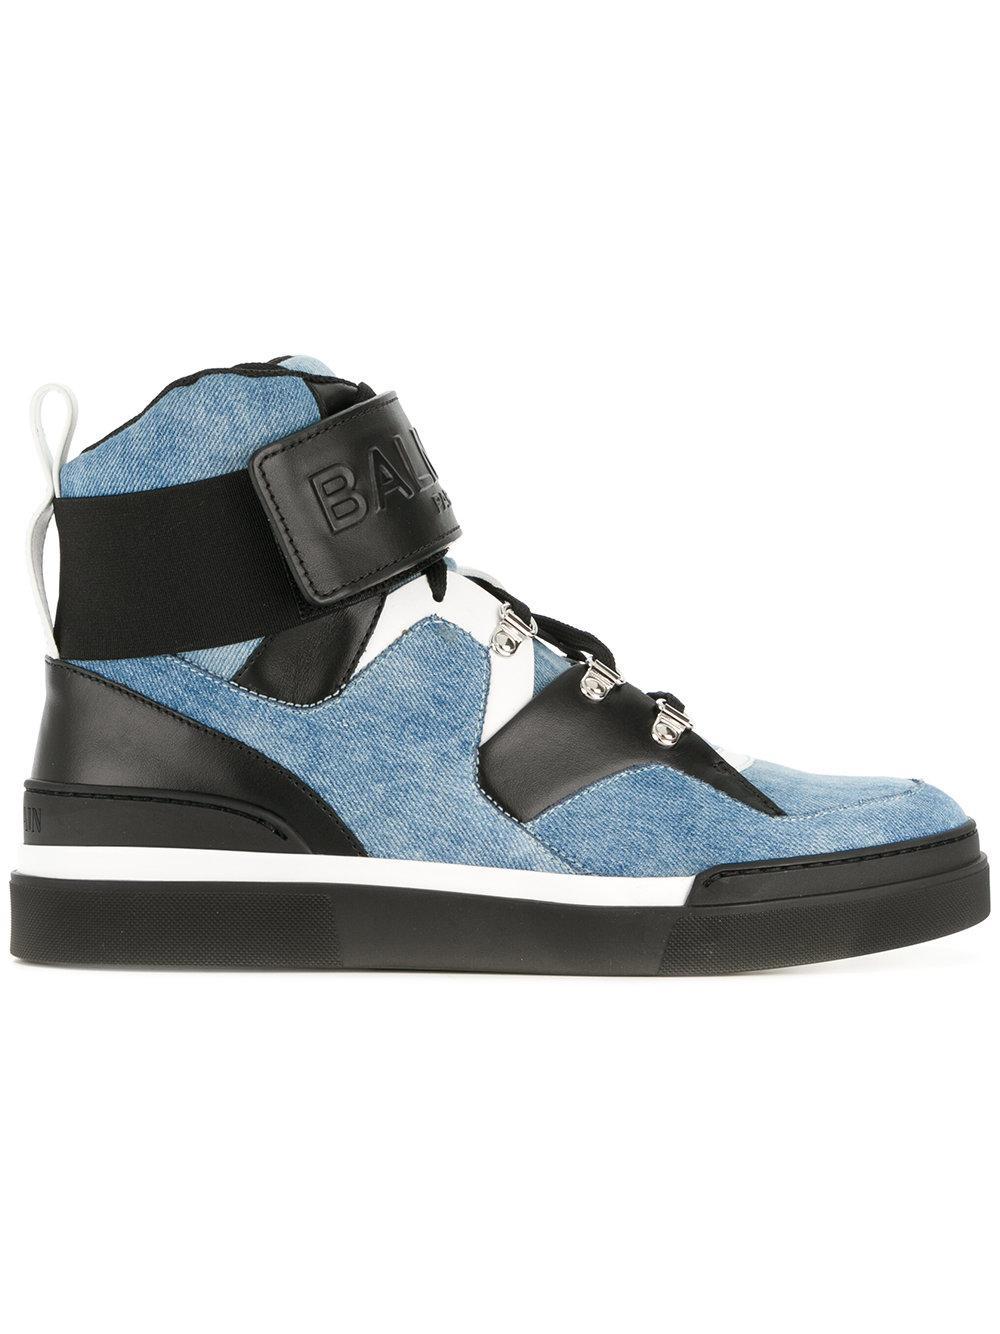 Balmain Embossed Denim Sneakers - Blue